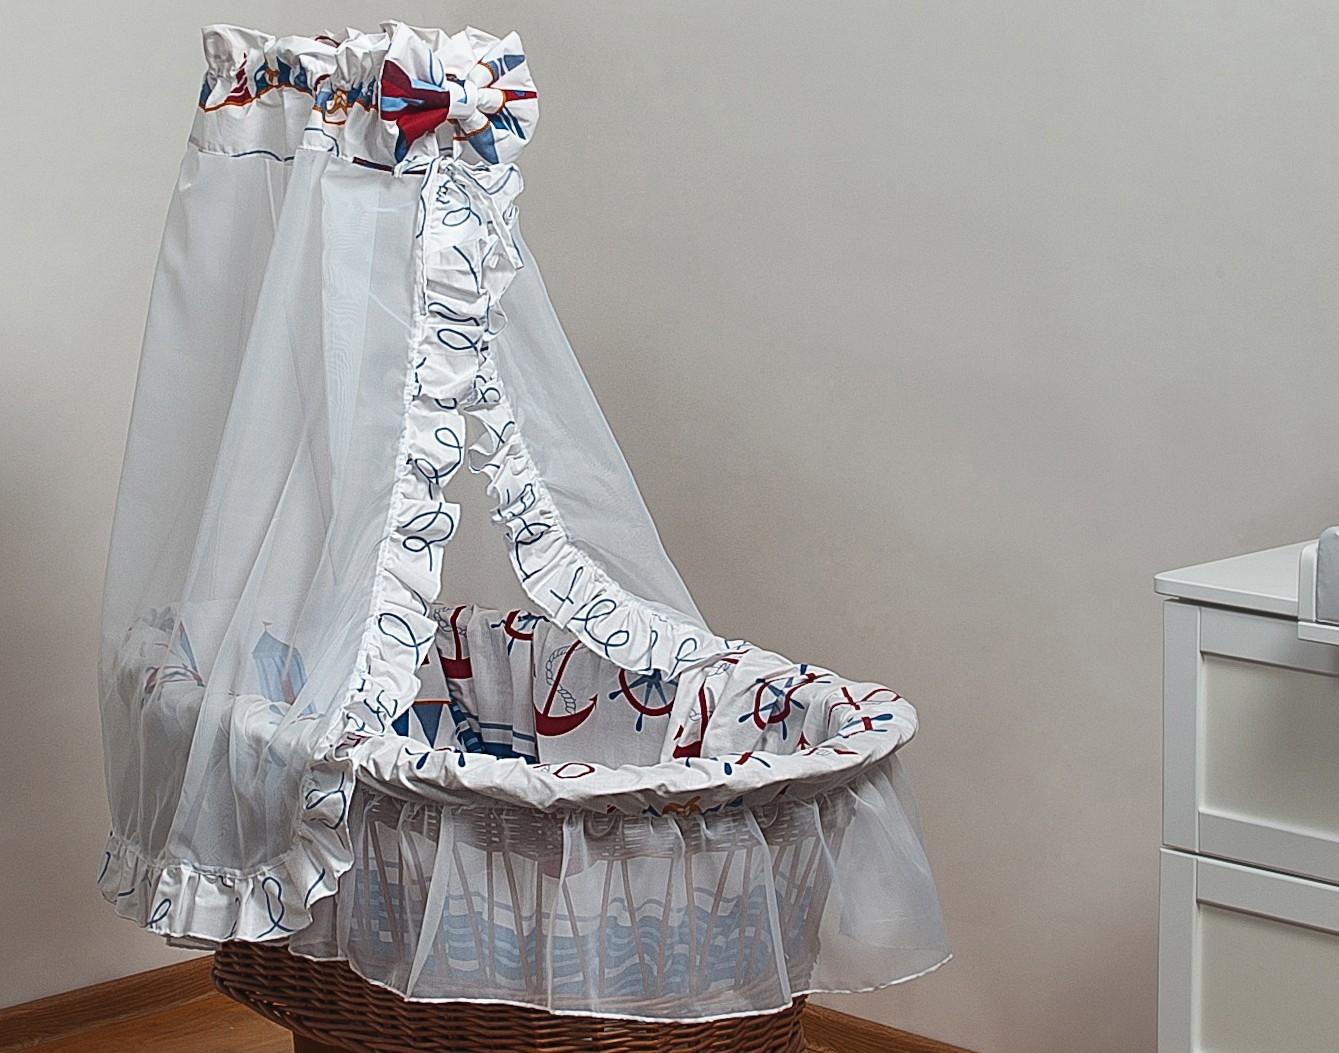 Bettwäsche set für moseskorb babykorb stubenwagen mit voile